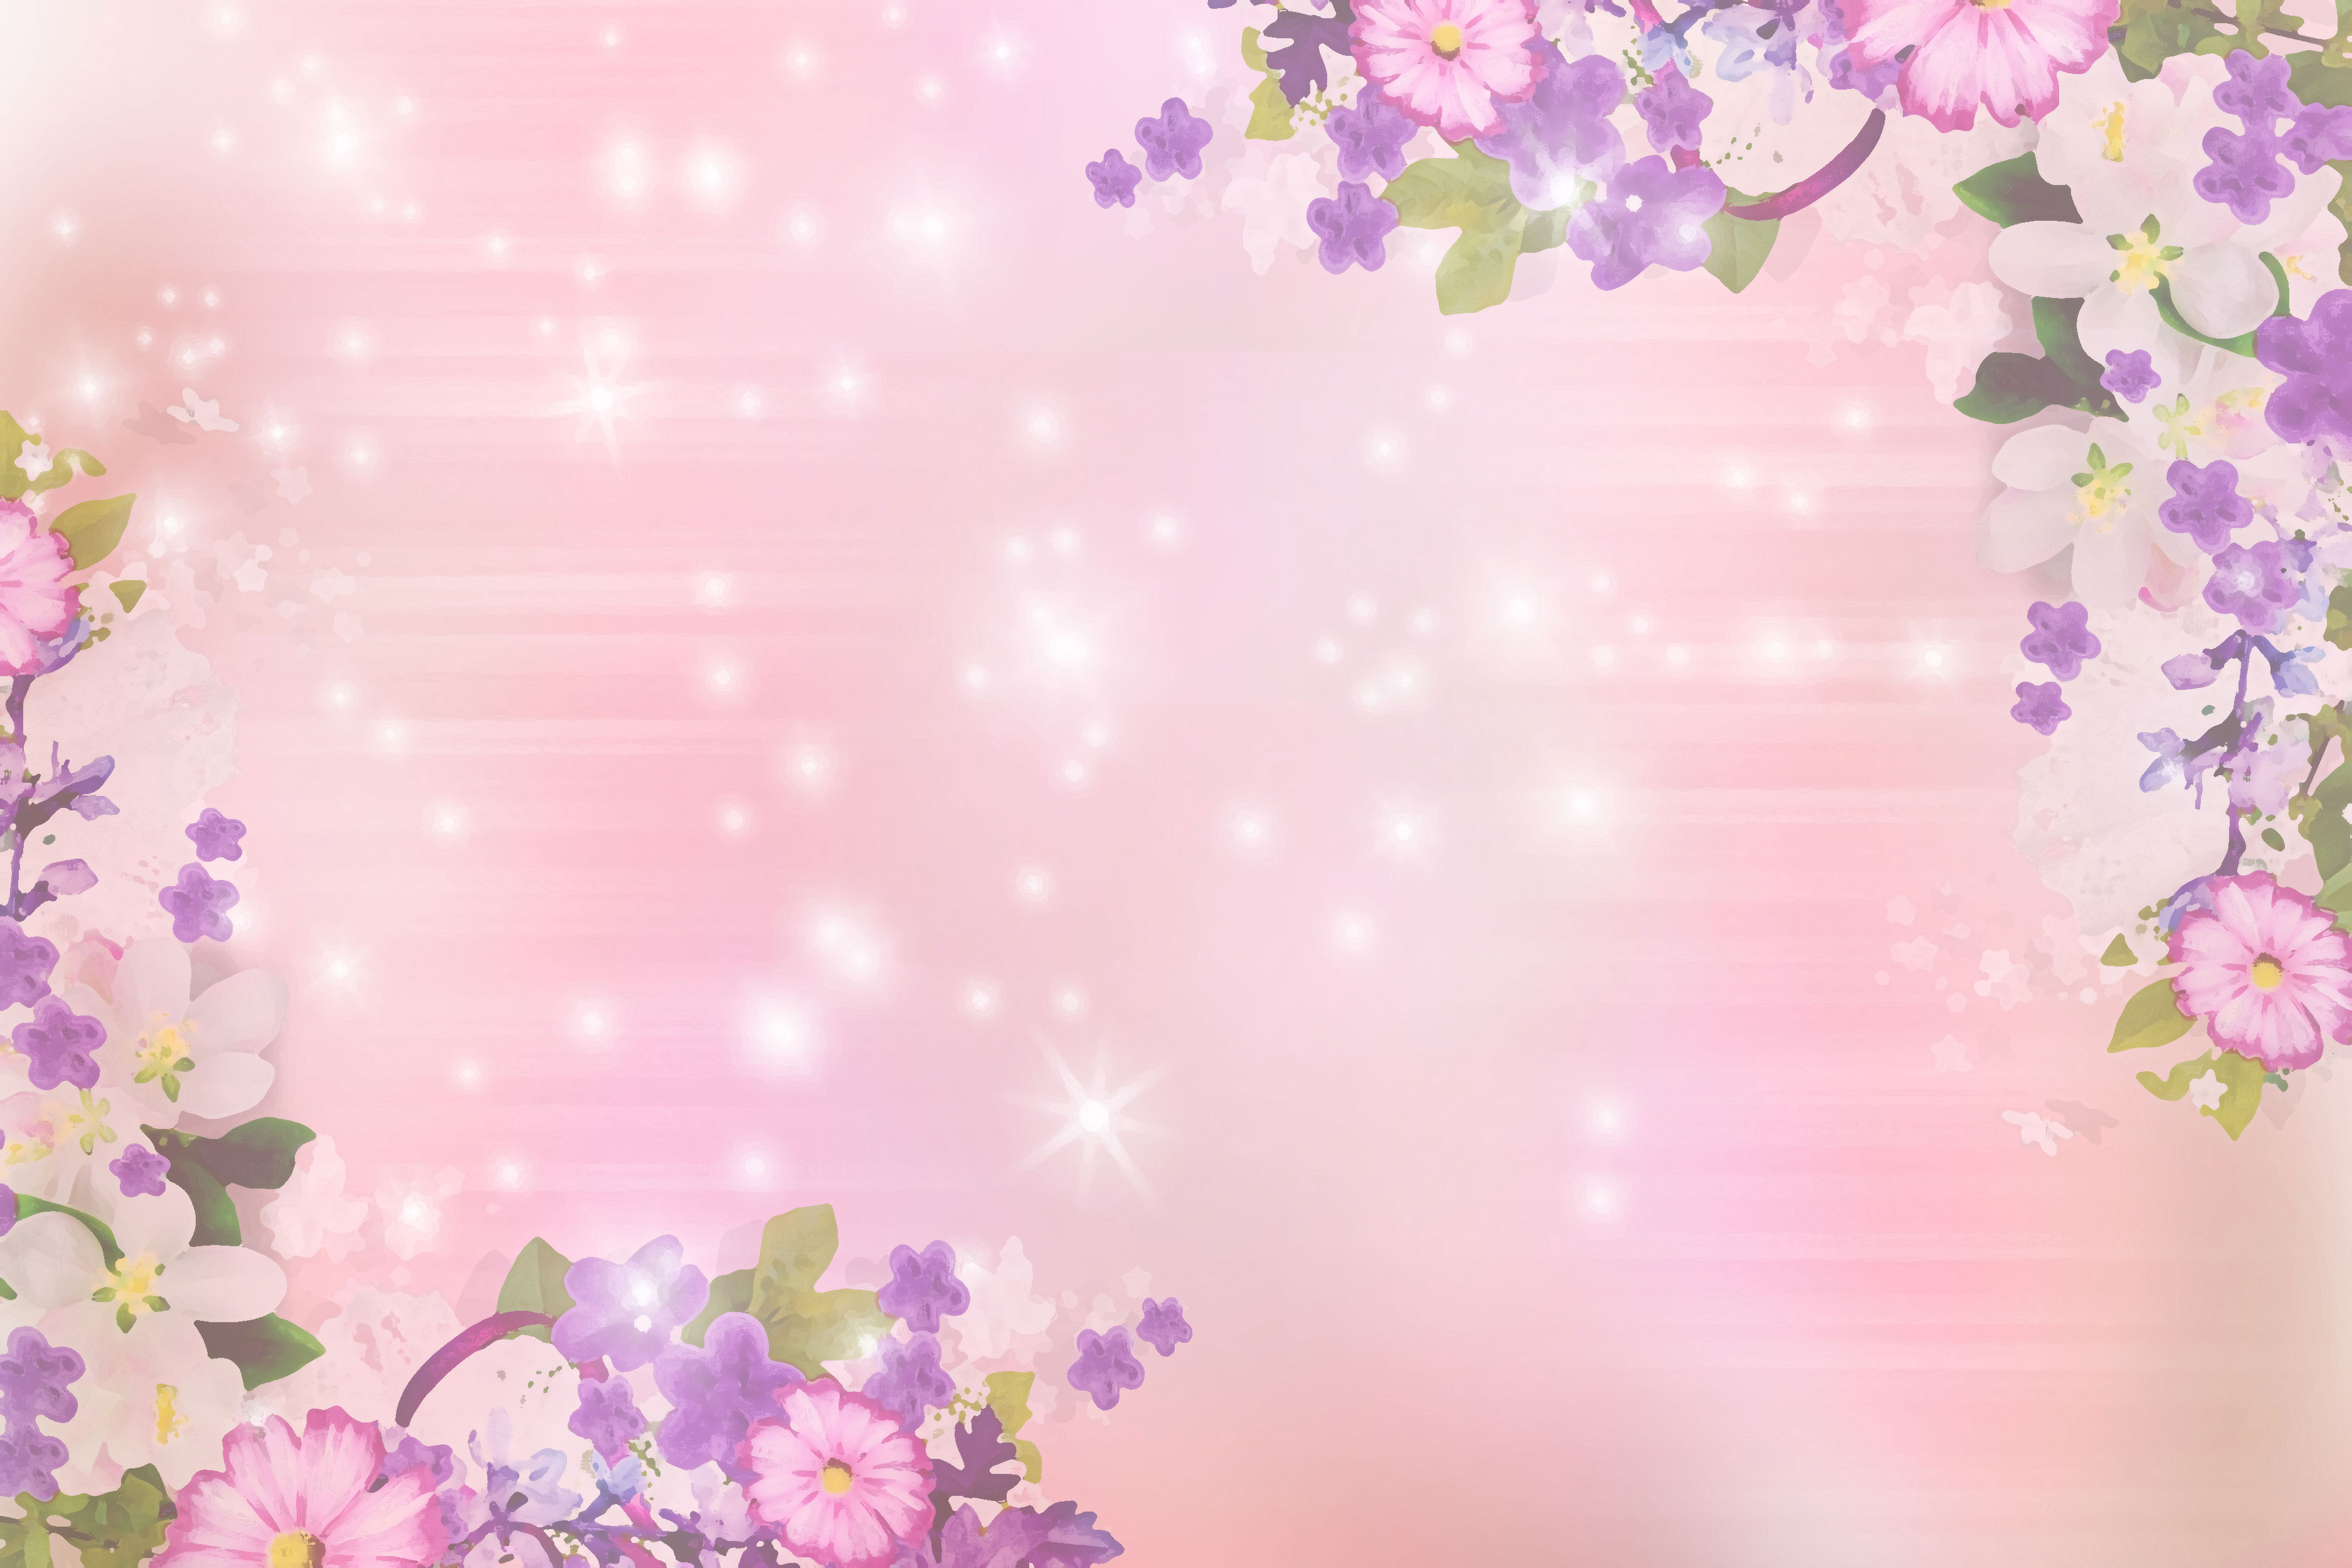 花のイラスト フリー素材 壁紙 背景no 082 フラワーコーナー